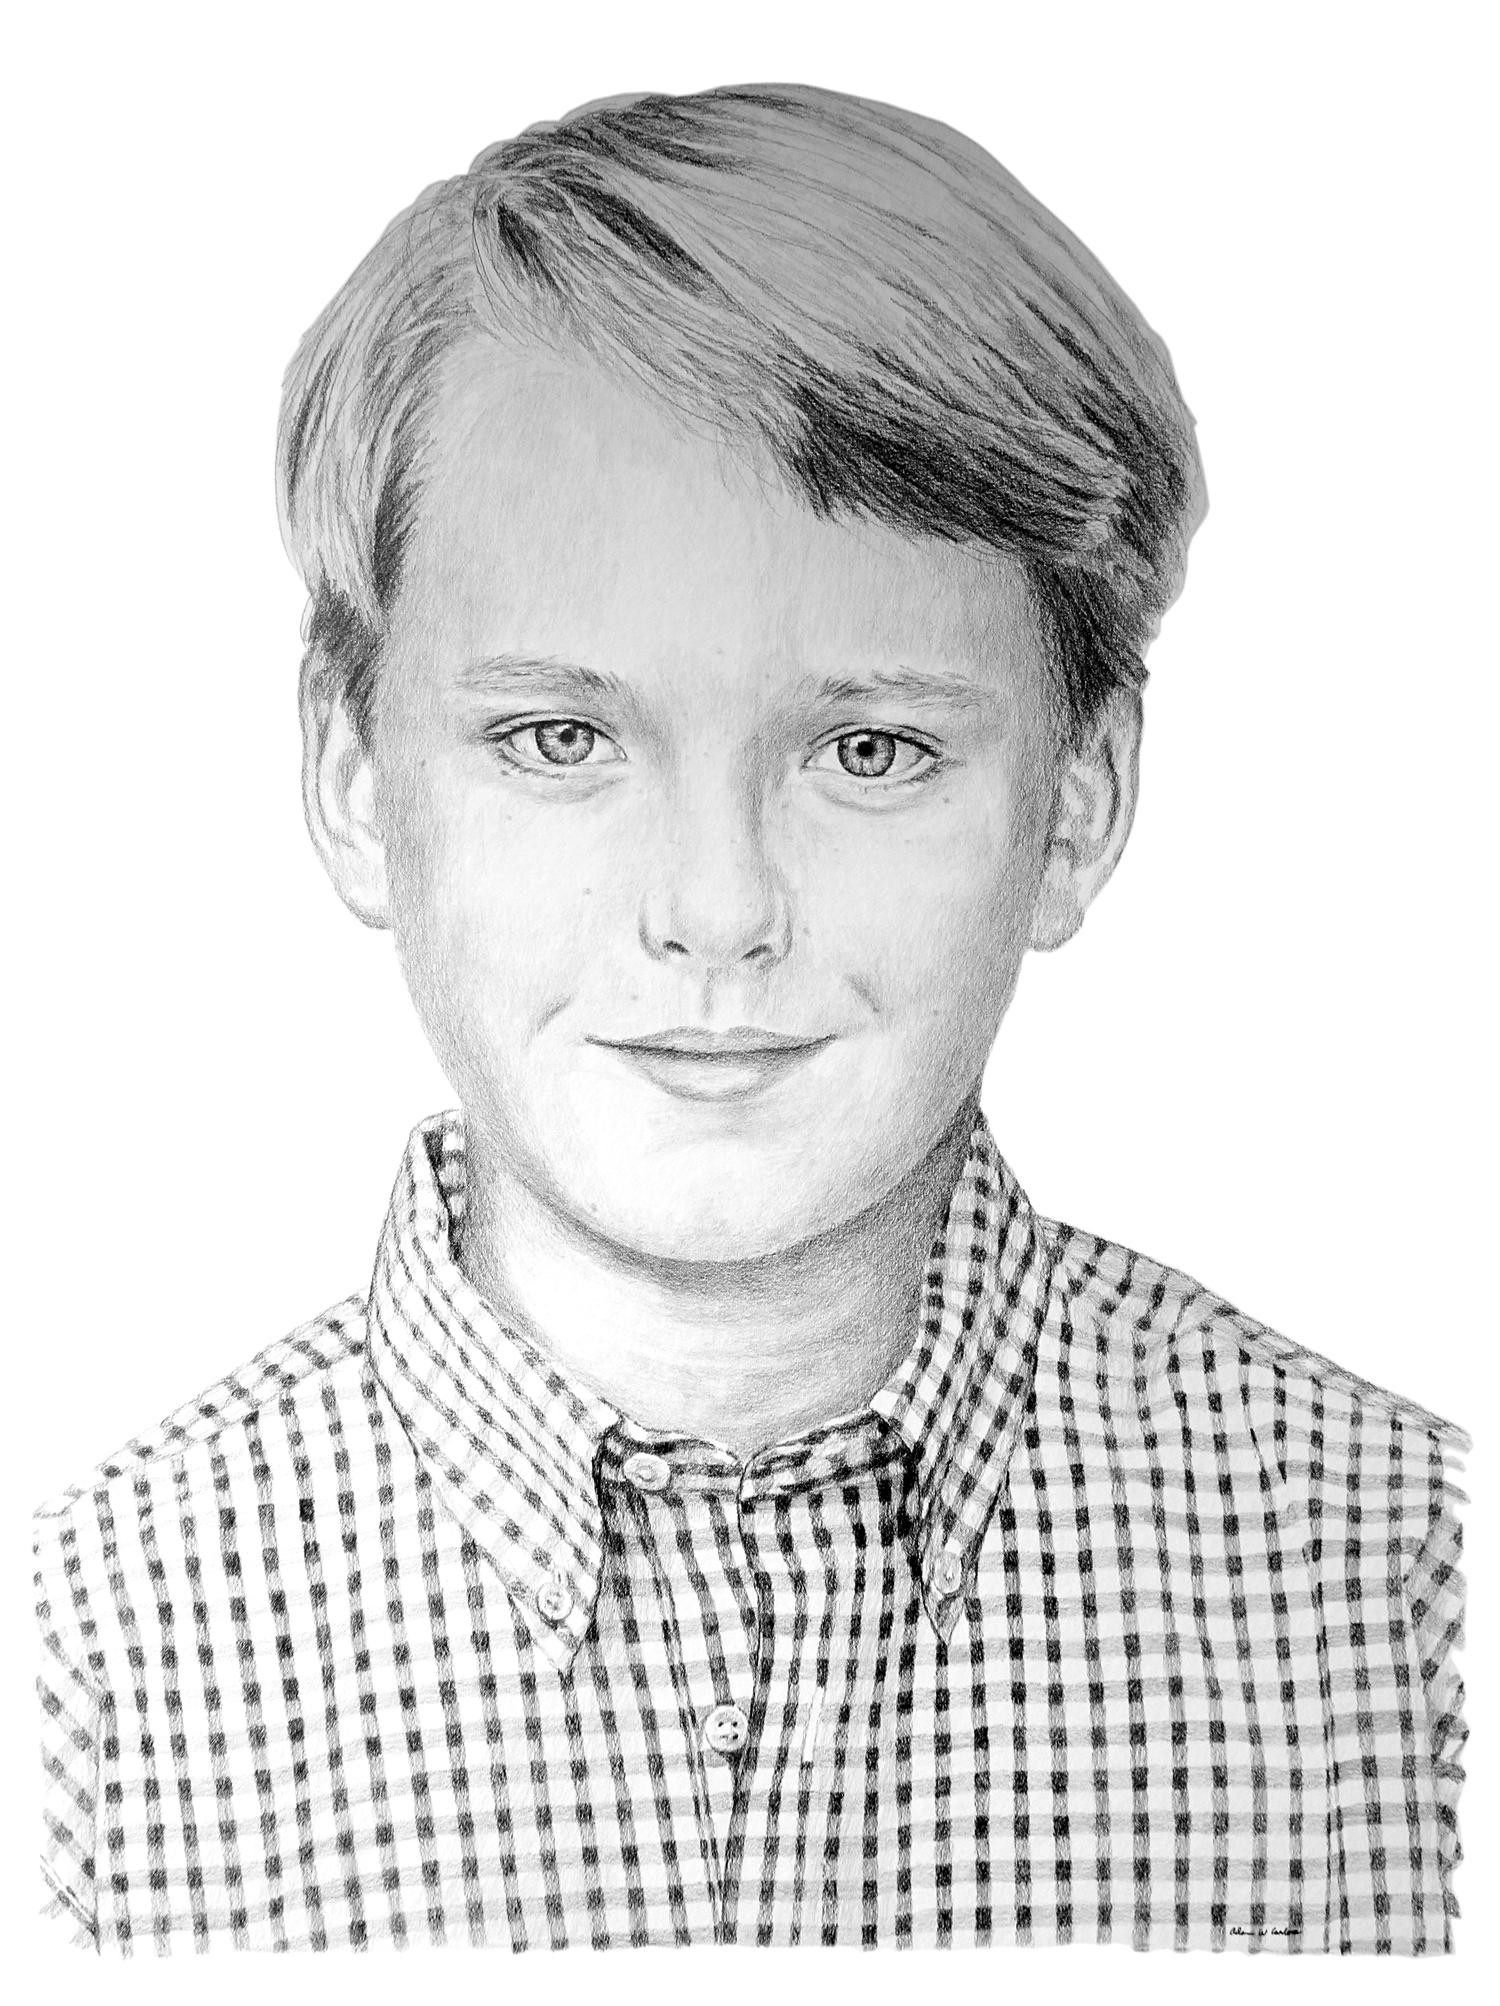 Adam-Carlos-Children- Portrait-001.jpg